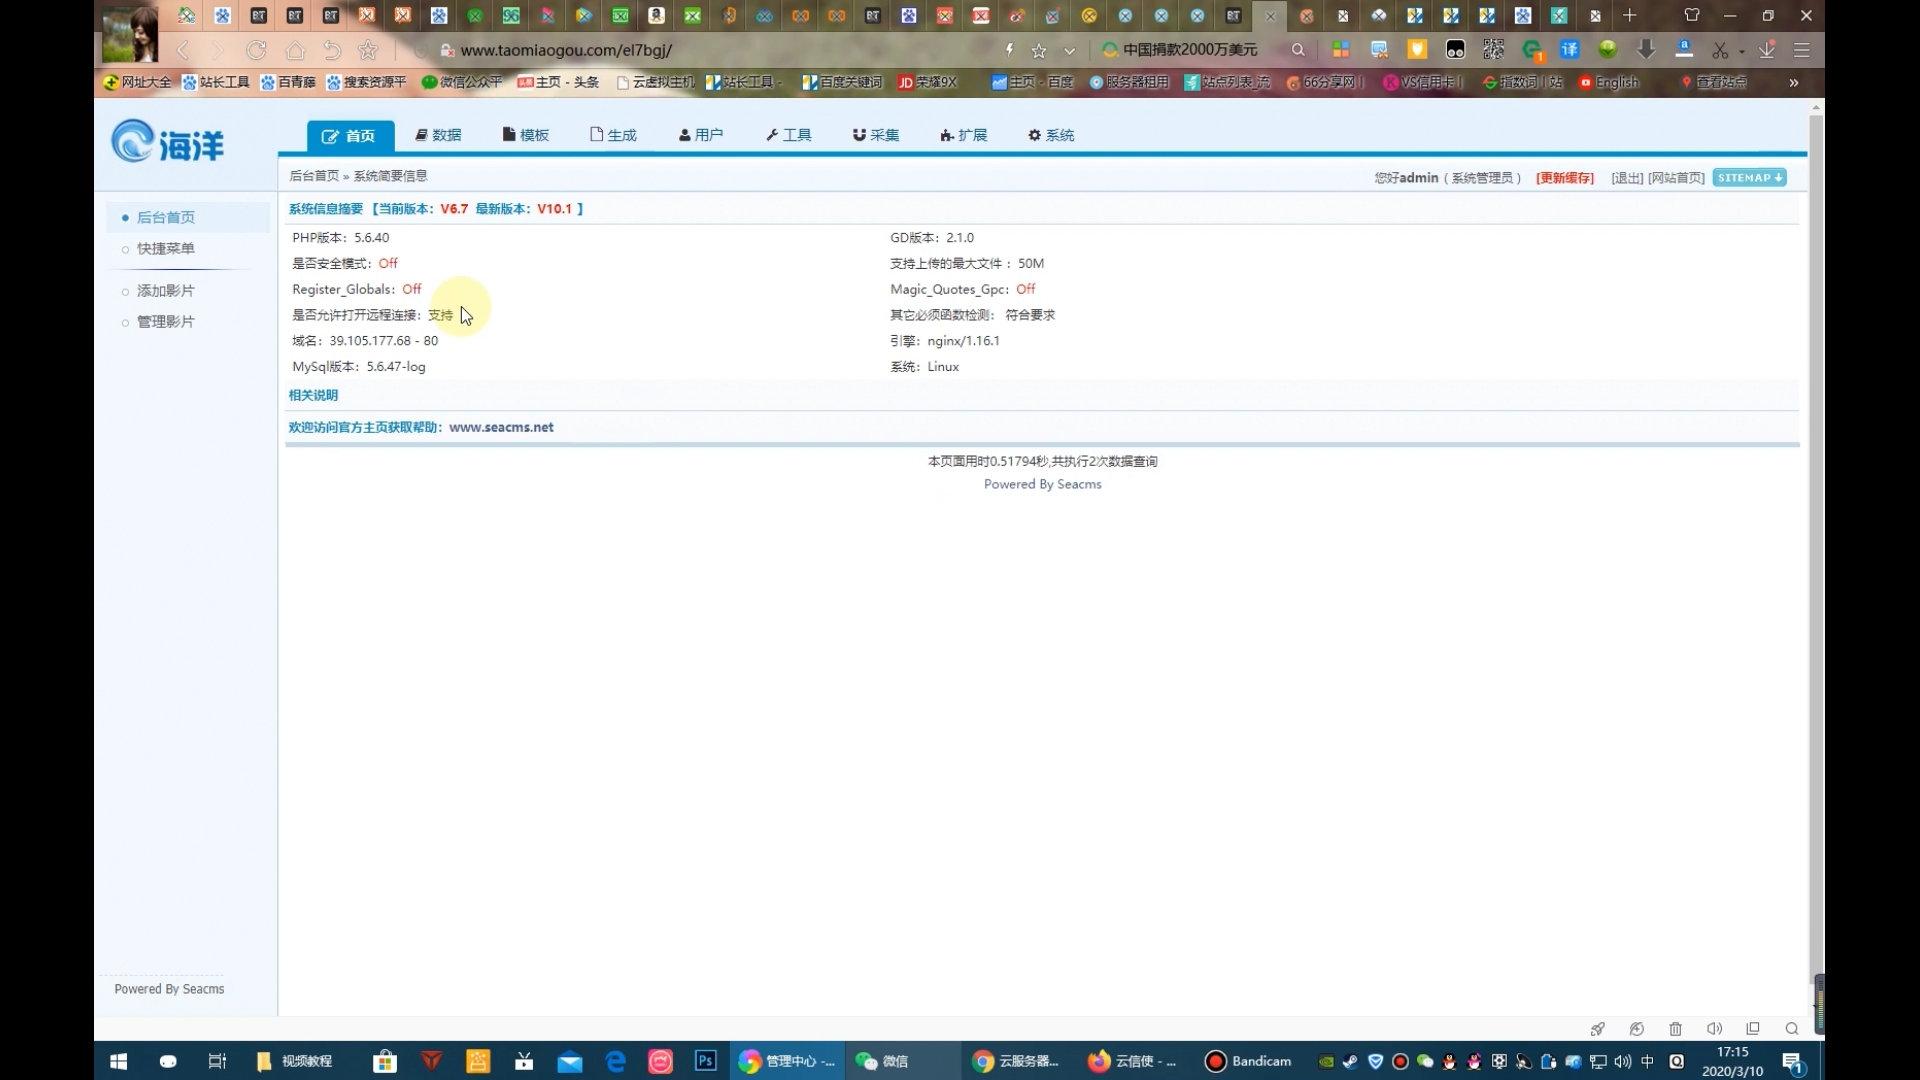 建站教程丨新手零基础使用国外免备案服务器快速搭建网站插图19